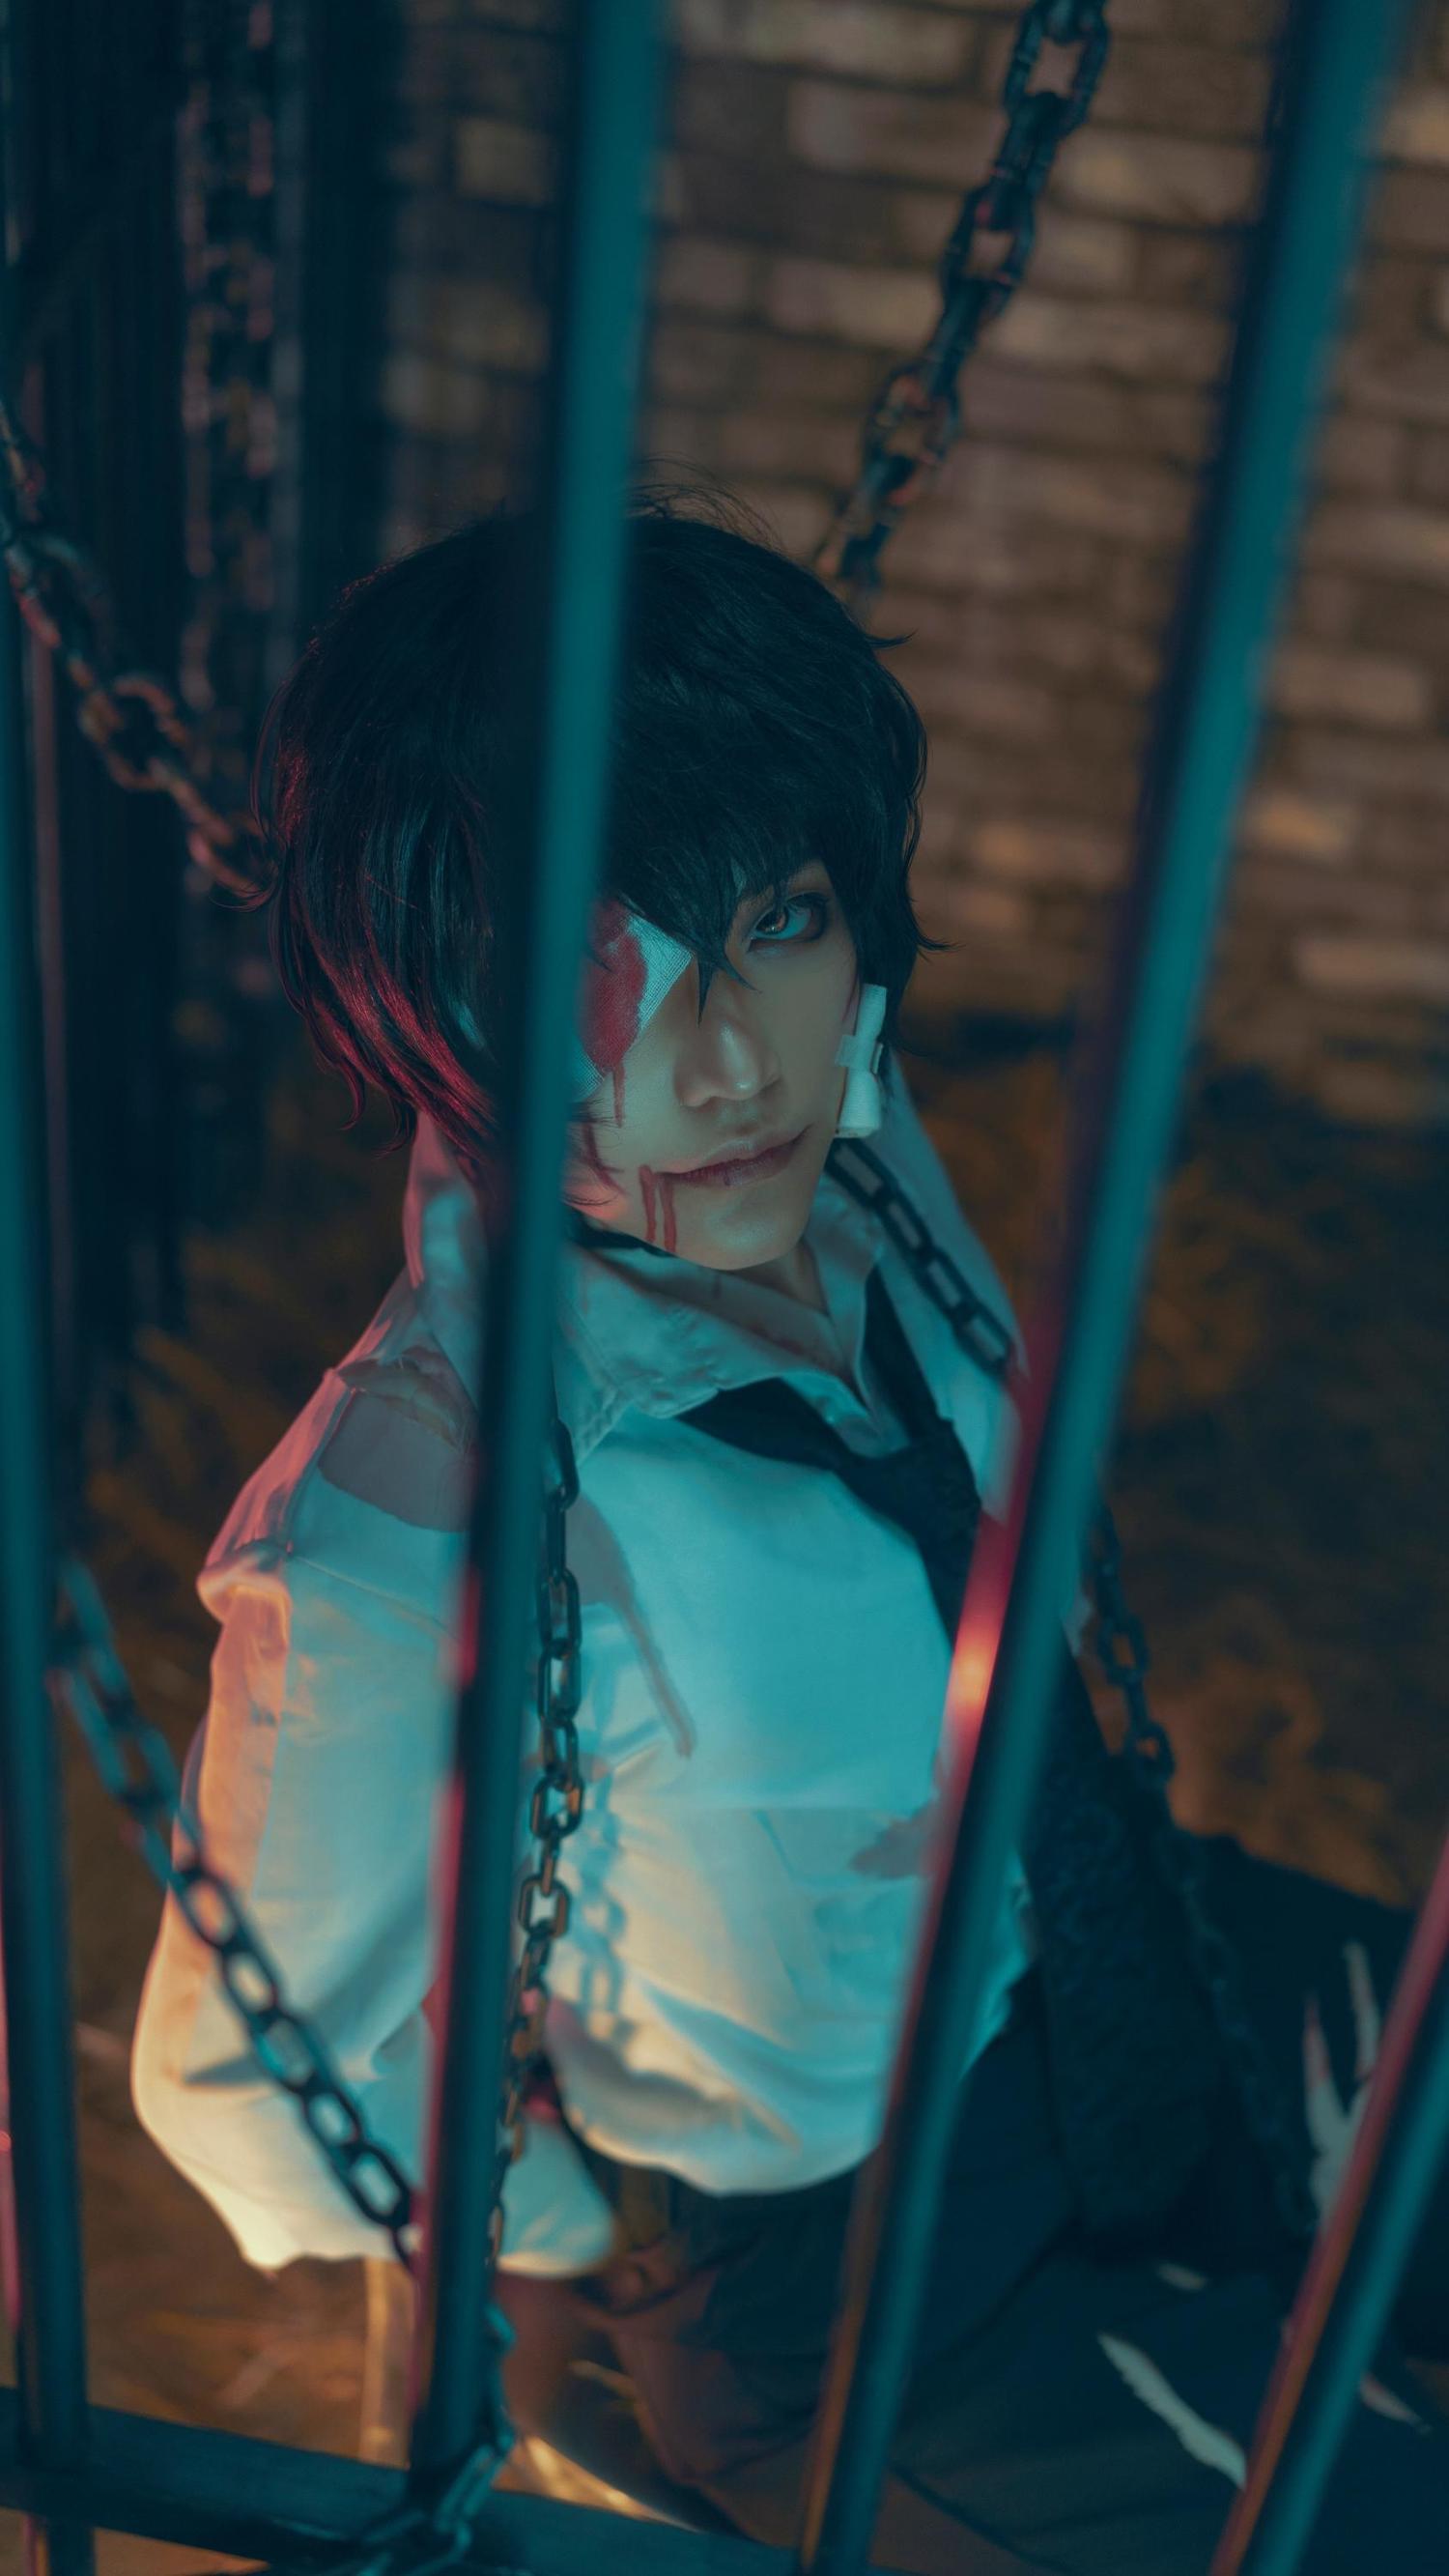 《文豪野犬》文豪野犬太宰治cosplay【CN:泽瑾_阿泽】-第11张